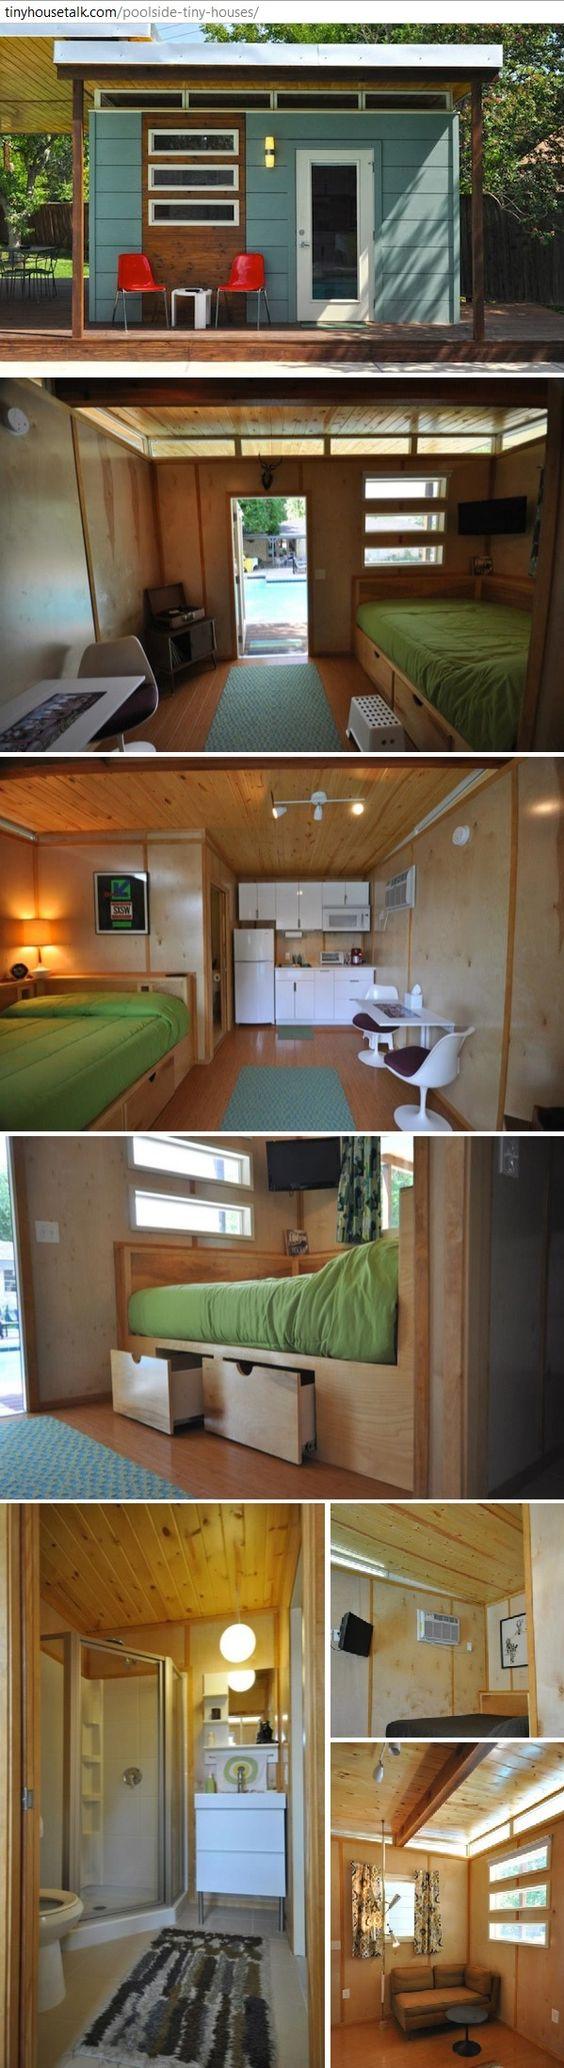 pin von elei mai auf wohnen pinterest haus gartenhaus und kleines h uschen. Black Bedroom Furniture Sets. Home Design Ideas